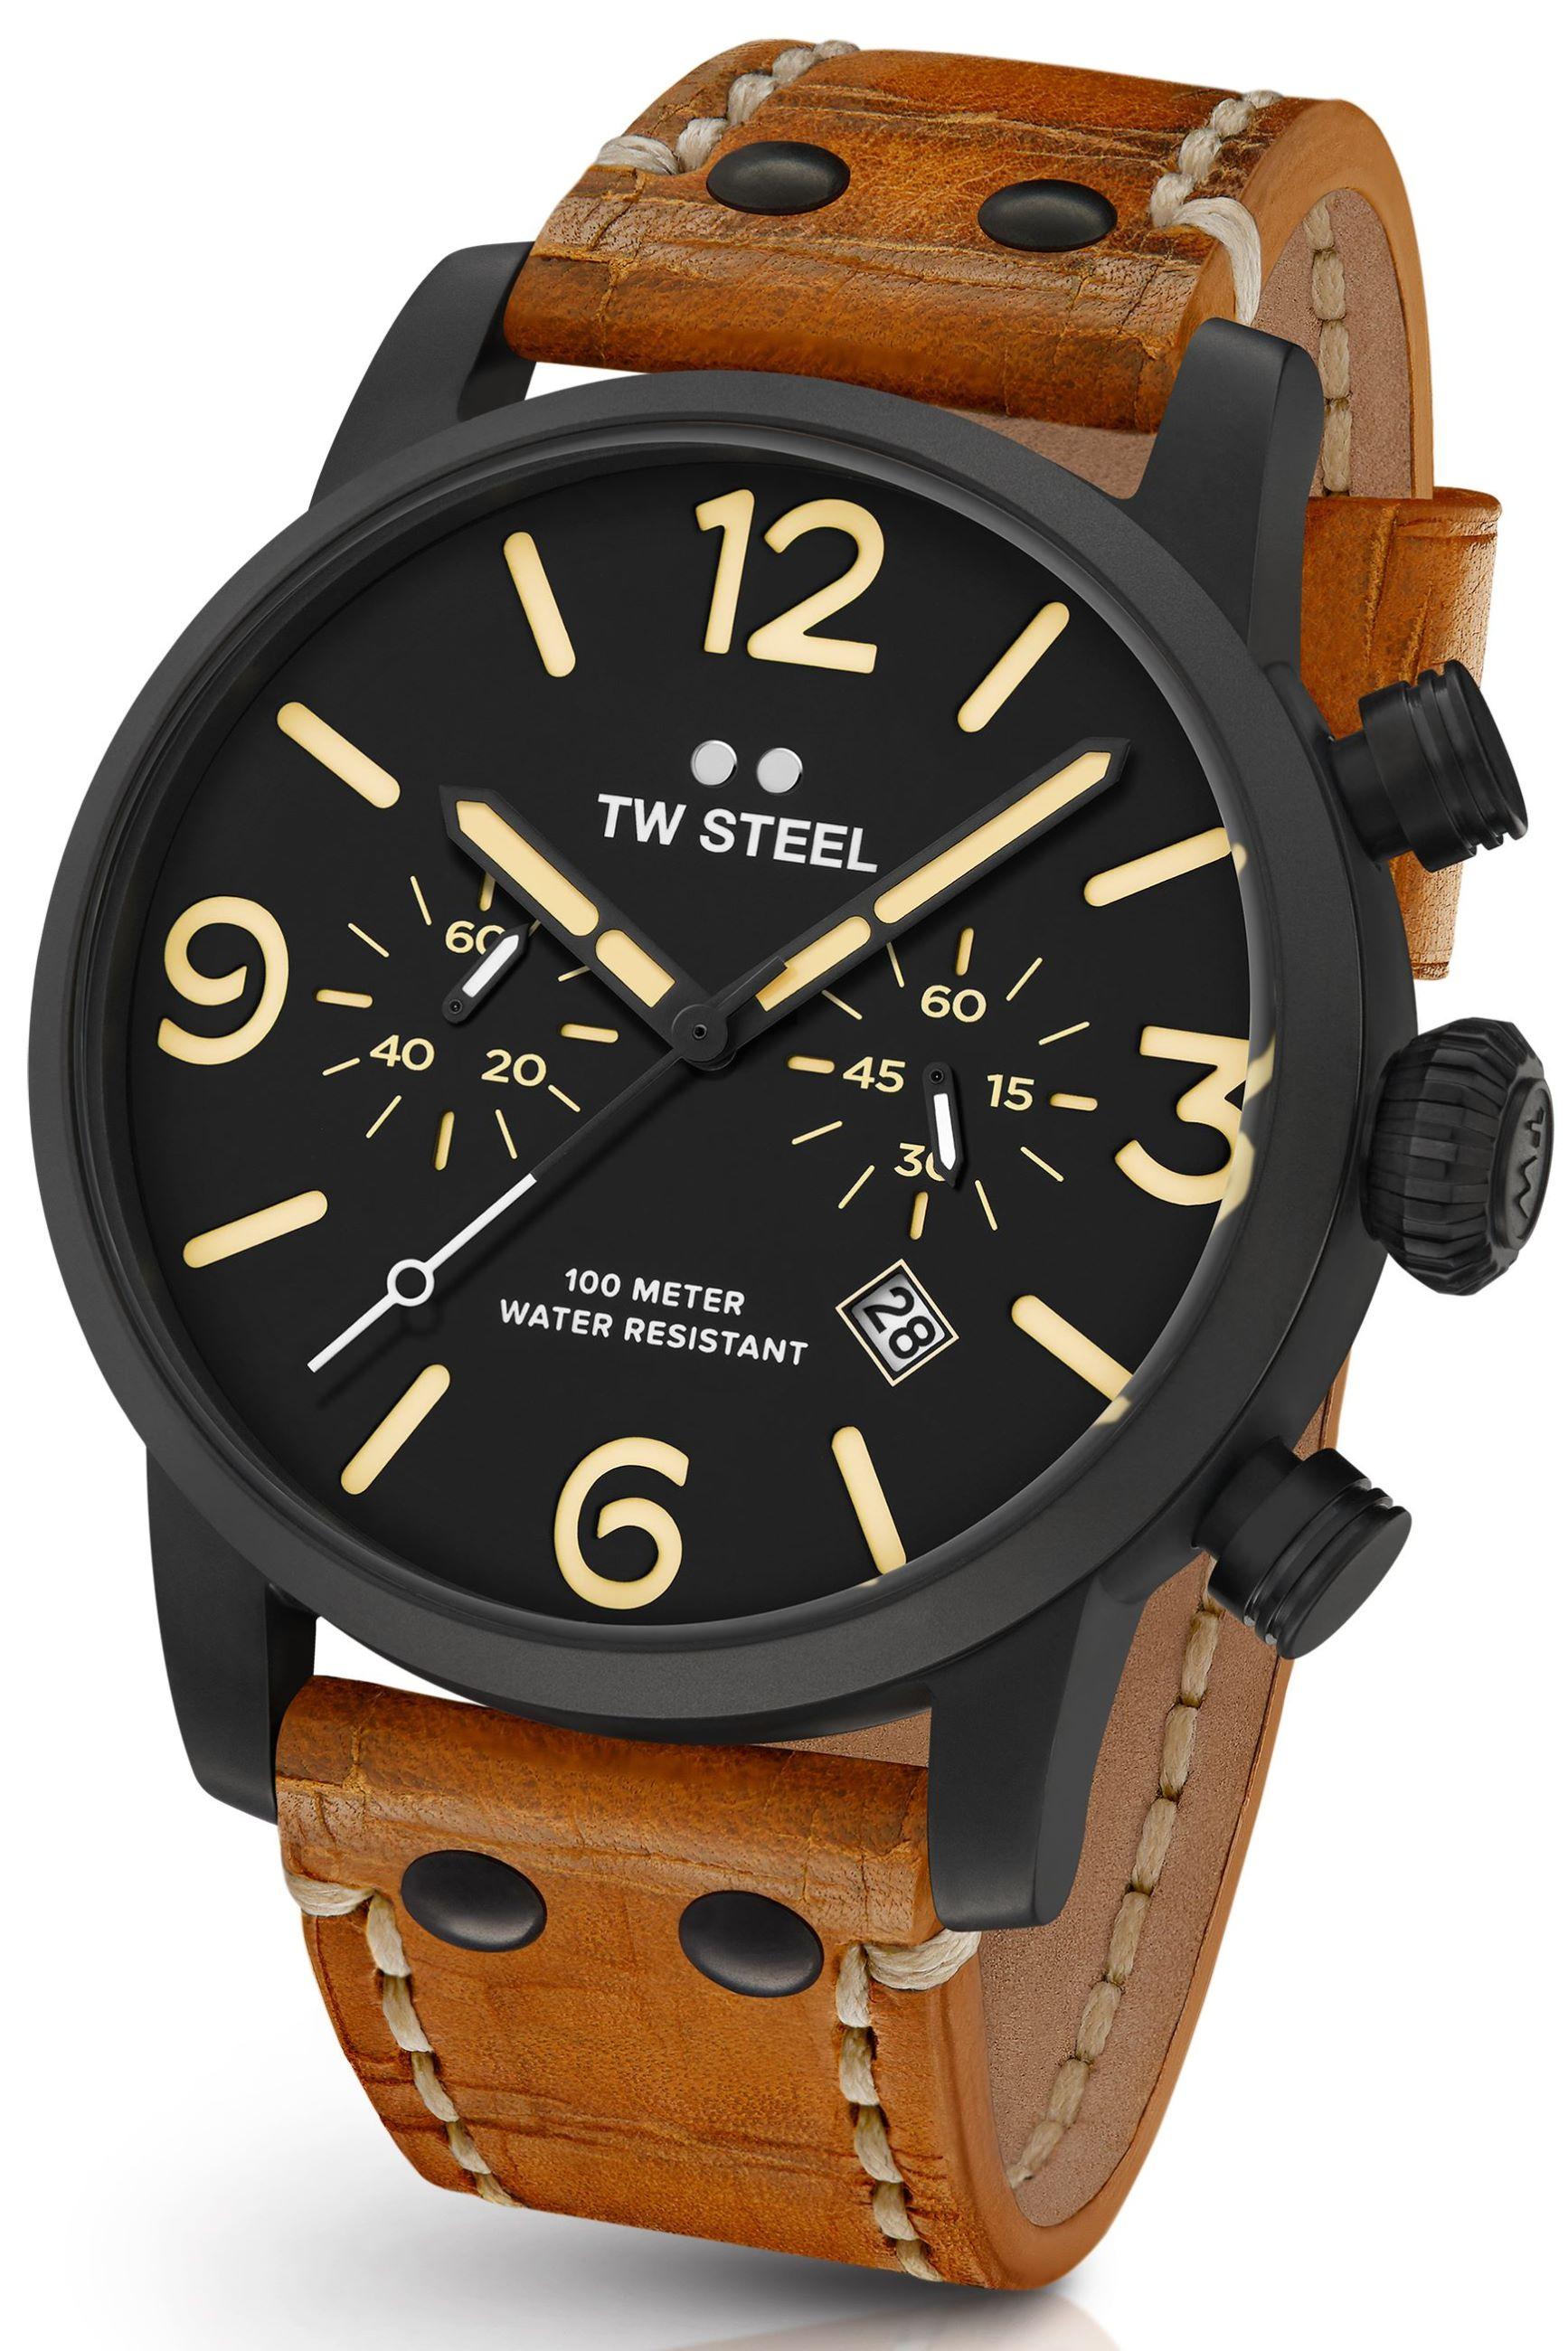 Bezaubernd Gute Herrenuhren Dekoration Von Kollektionen Der Tw Steel Uhren